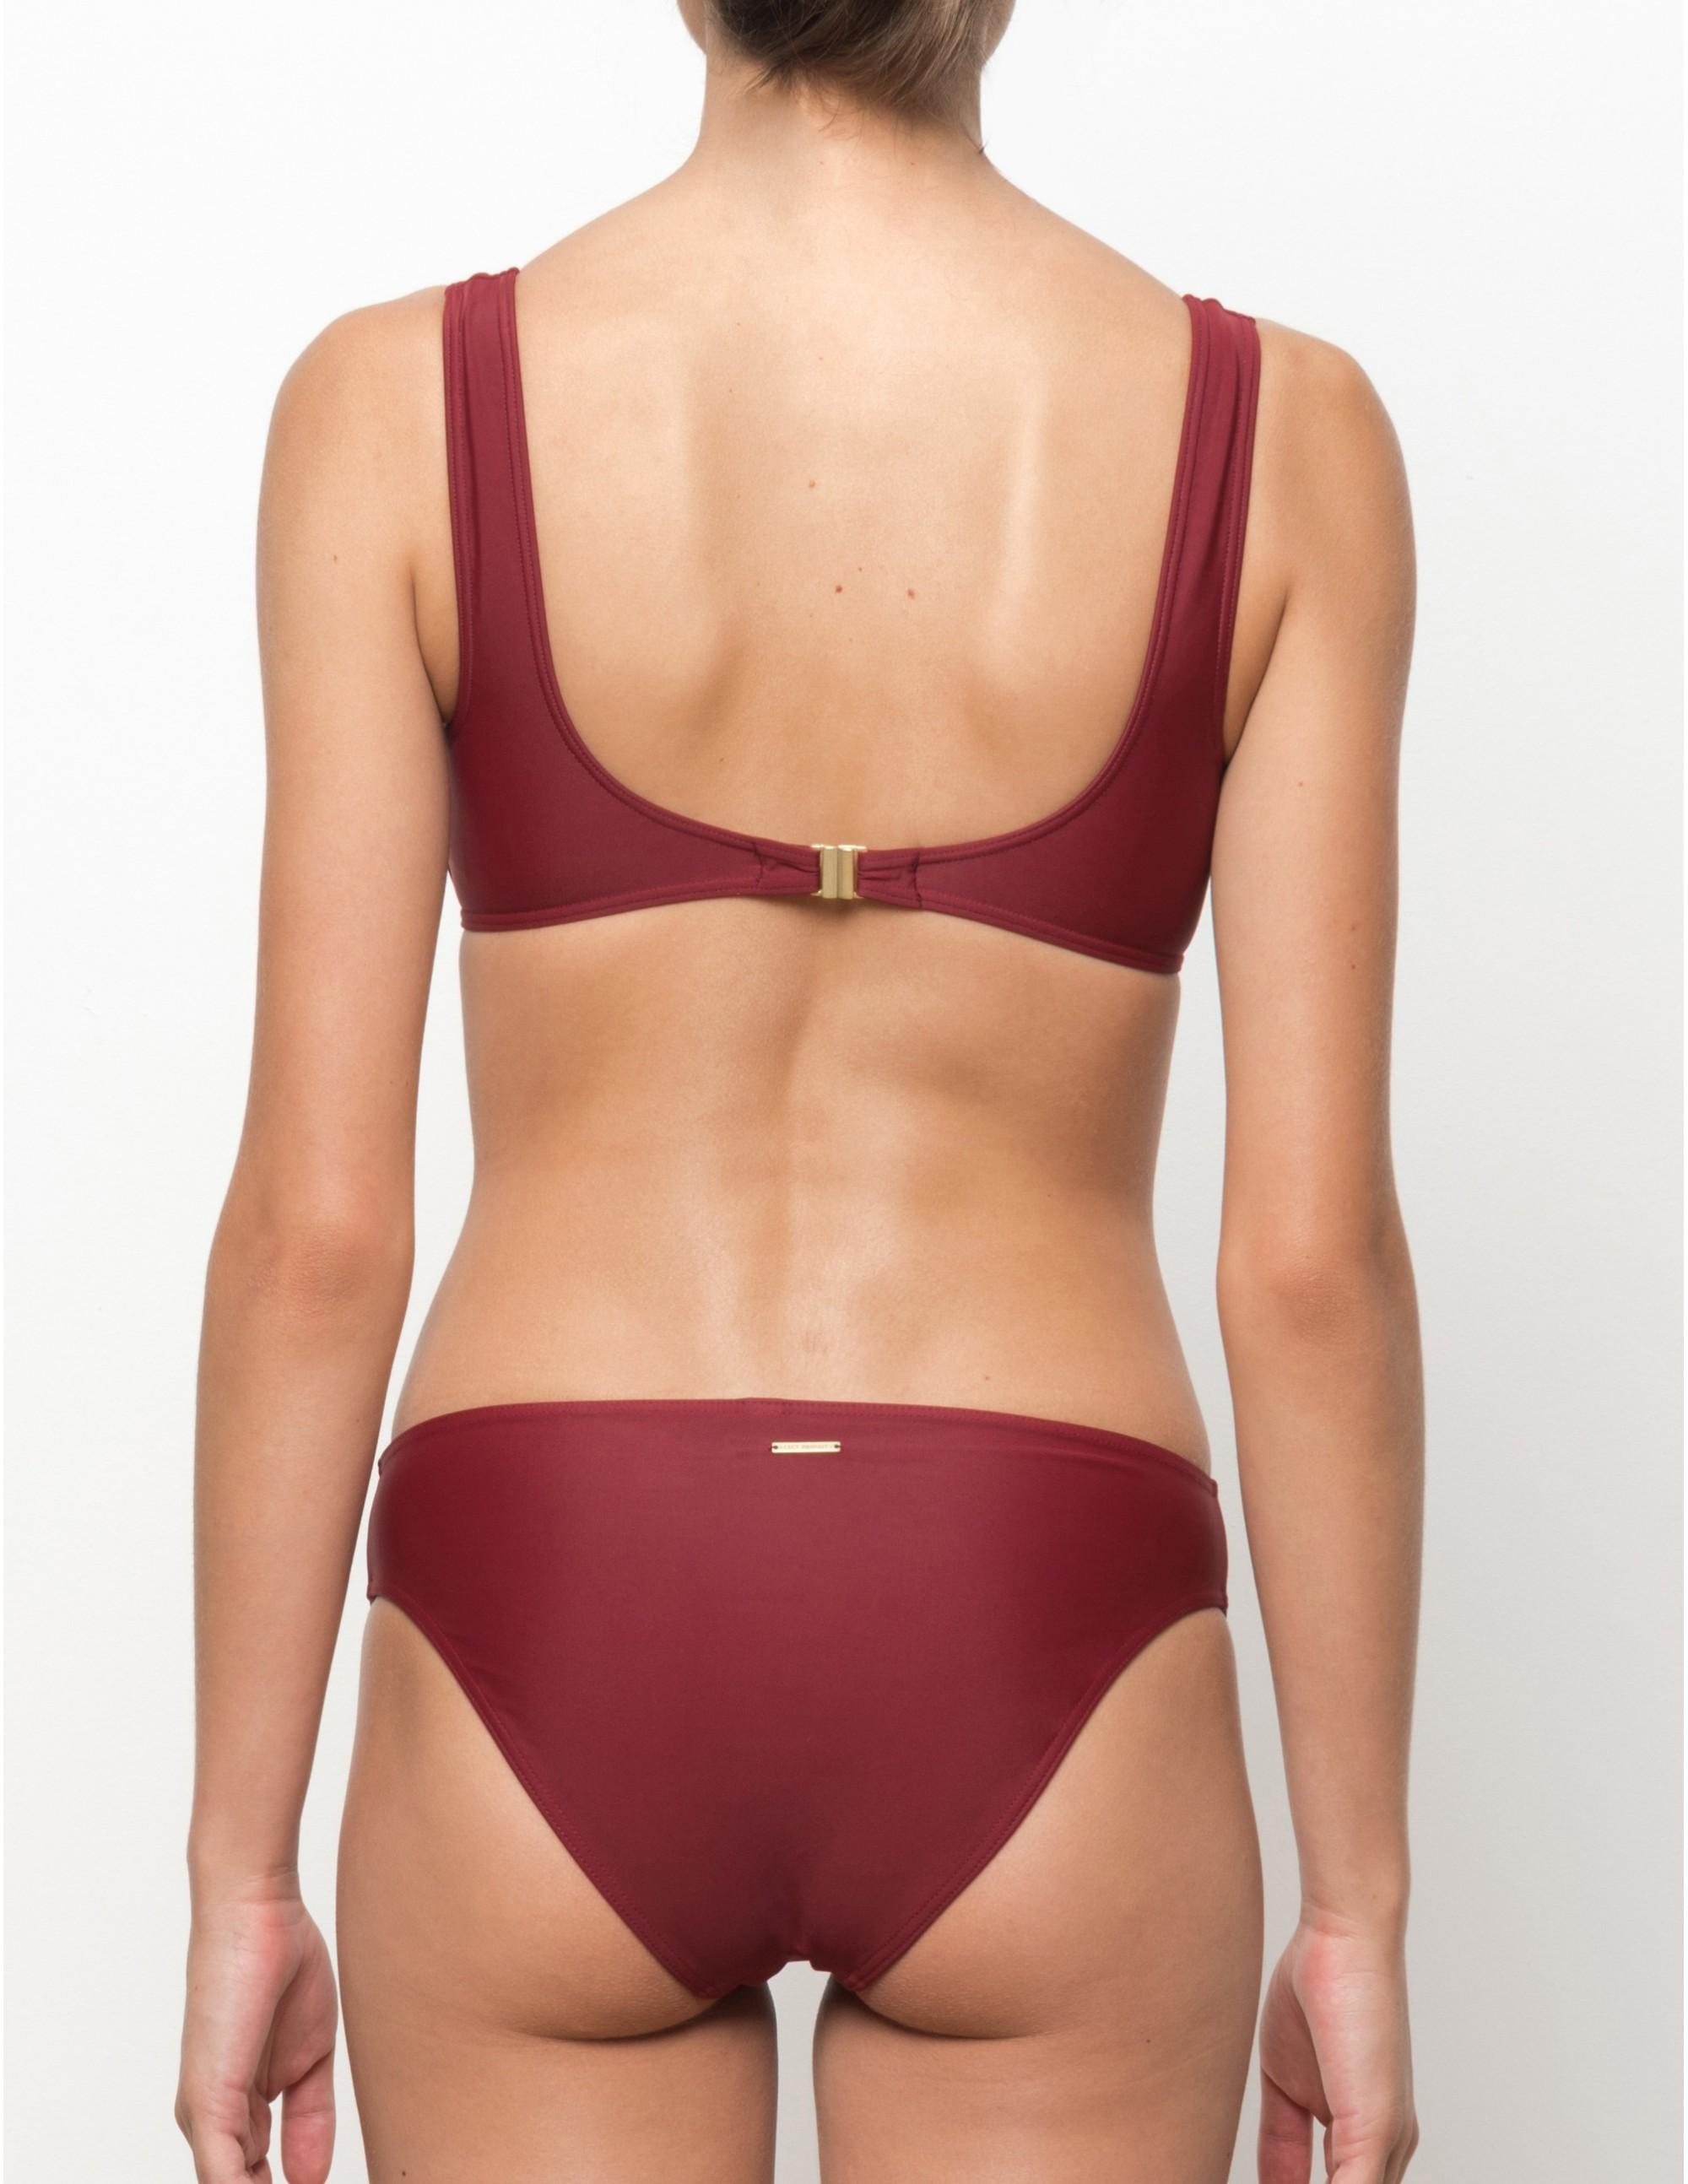 SONGO bikini top - MASAAI